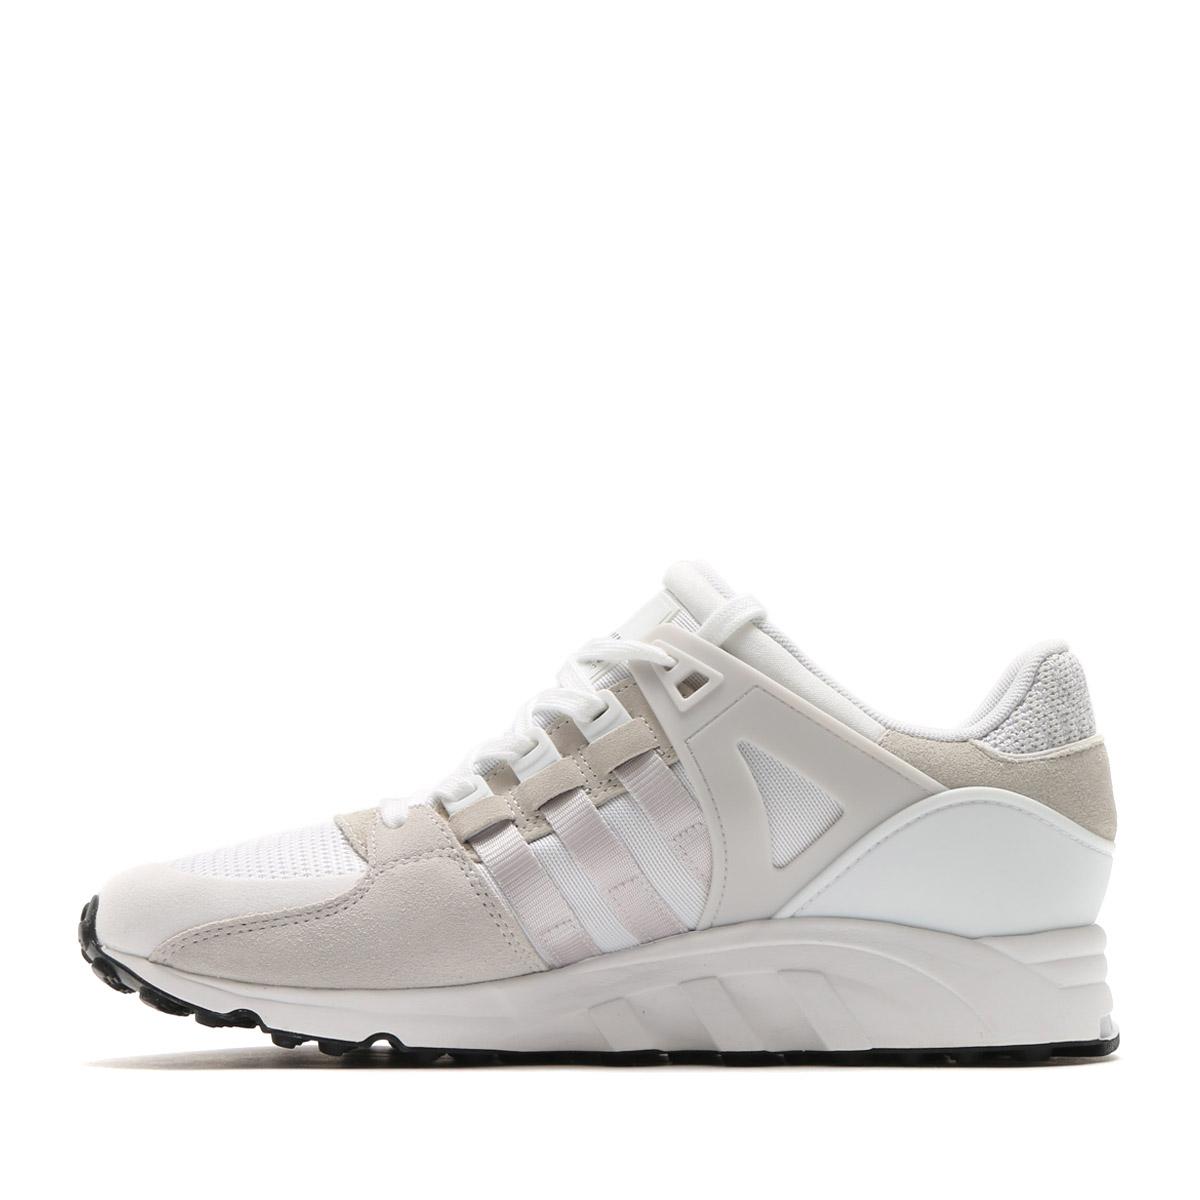 save off 3bfe7 8b5a6 adidas Originals EQT SUPPORT RF (Adidas originals EQT support RF) RUNNING  WHITEGREY ONECORE BLACK 17FW-I